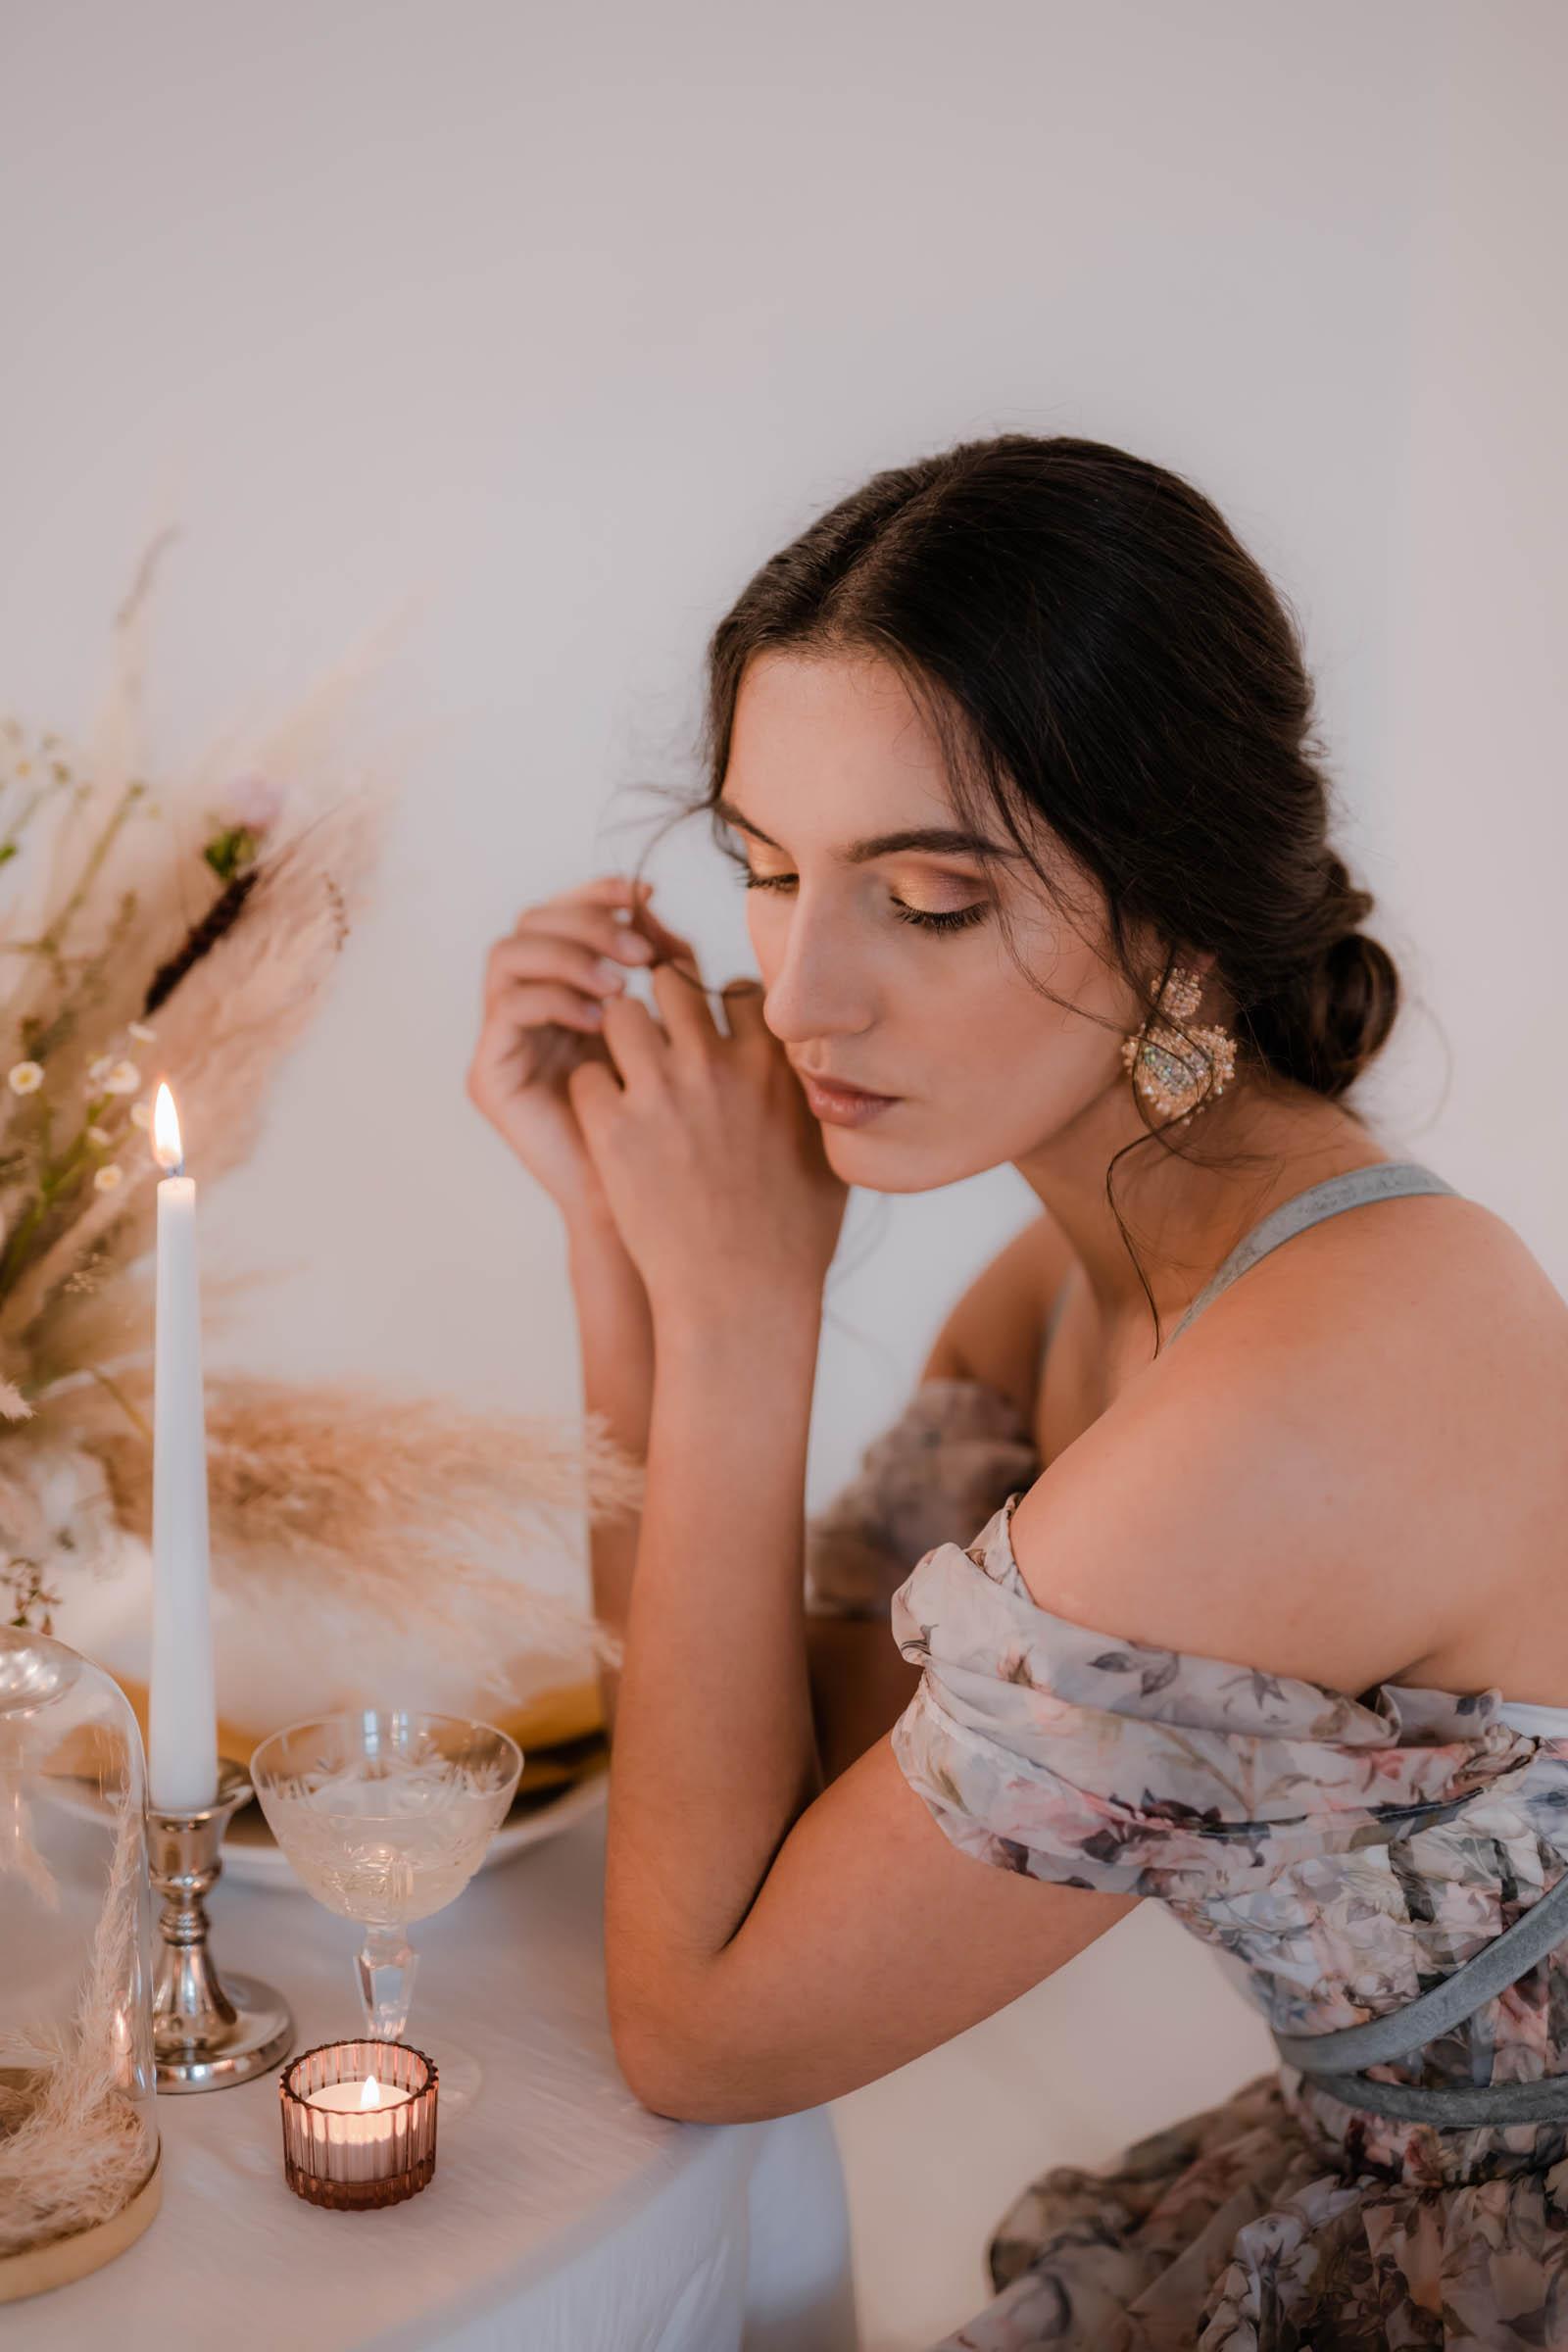 boho-svadobne-saty-veronika-kostkova-wedding-atelier-2019-maya